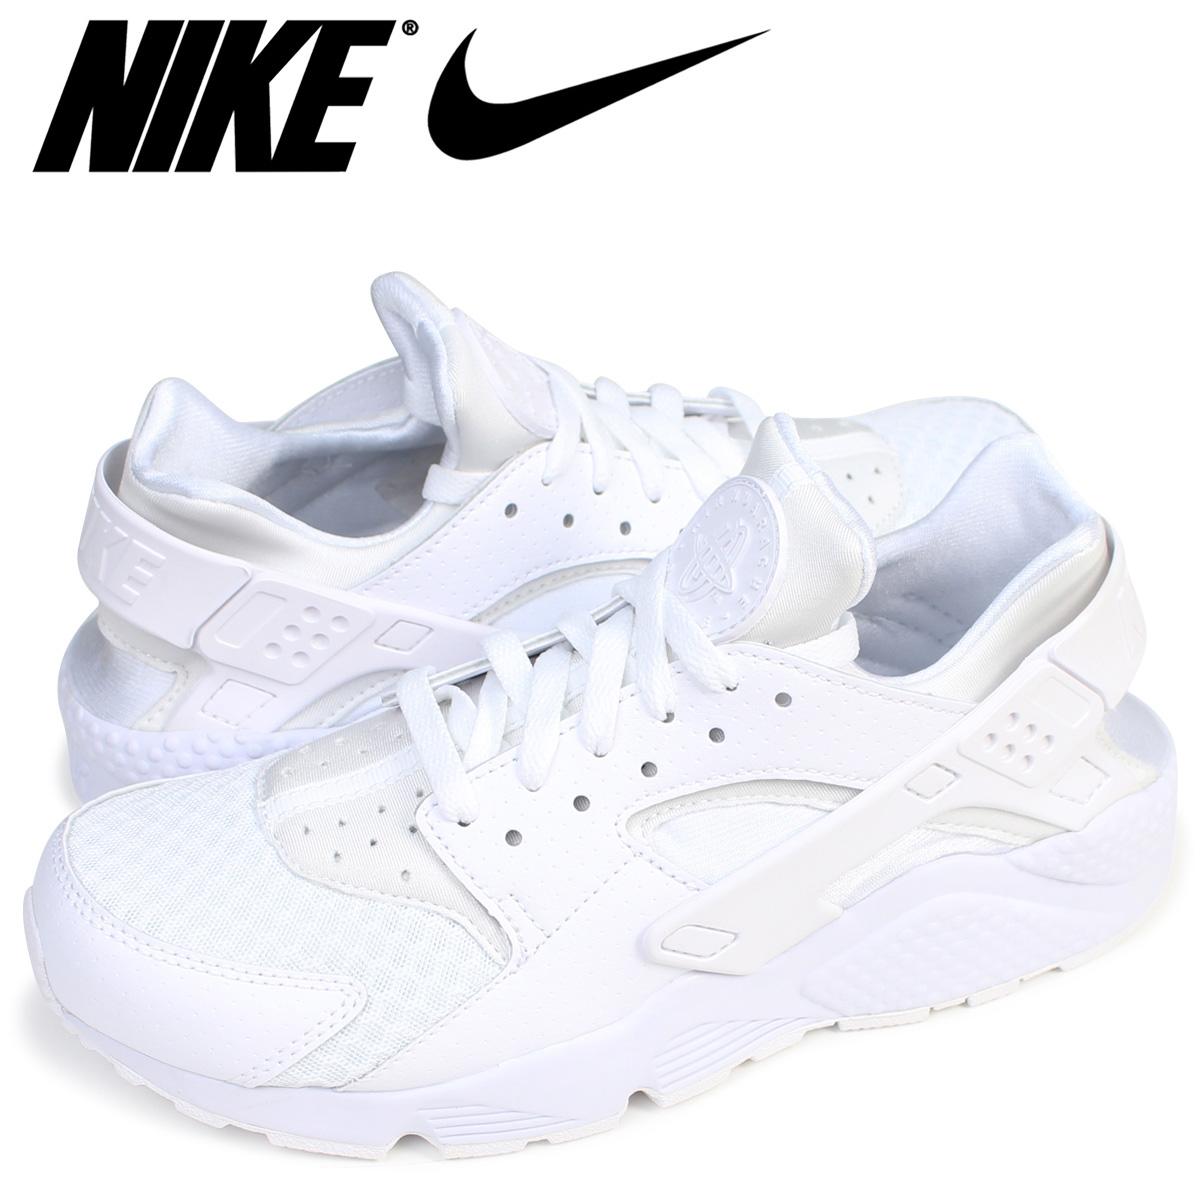 Careful Blue Nike Air Huraches Size 2 Good Taste Men's Shoes